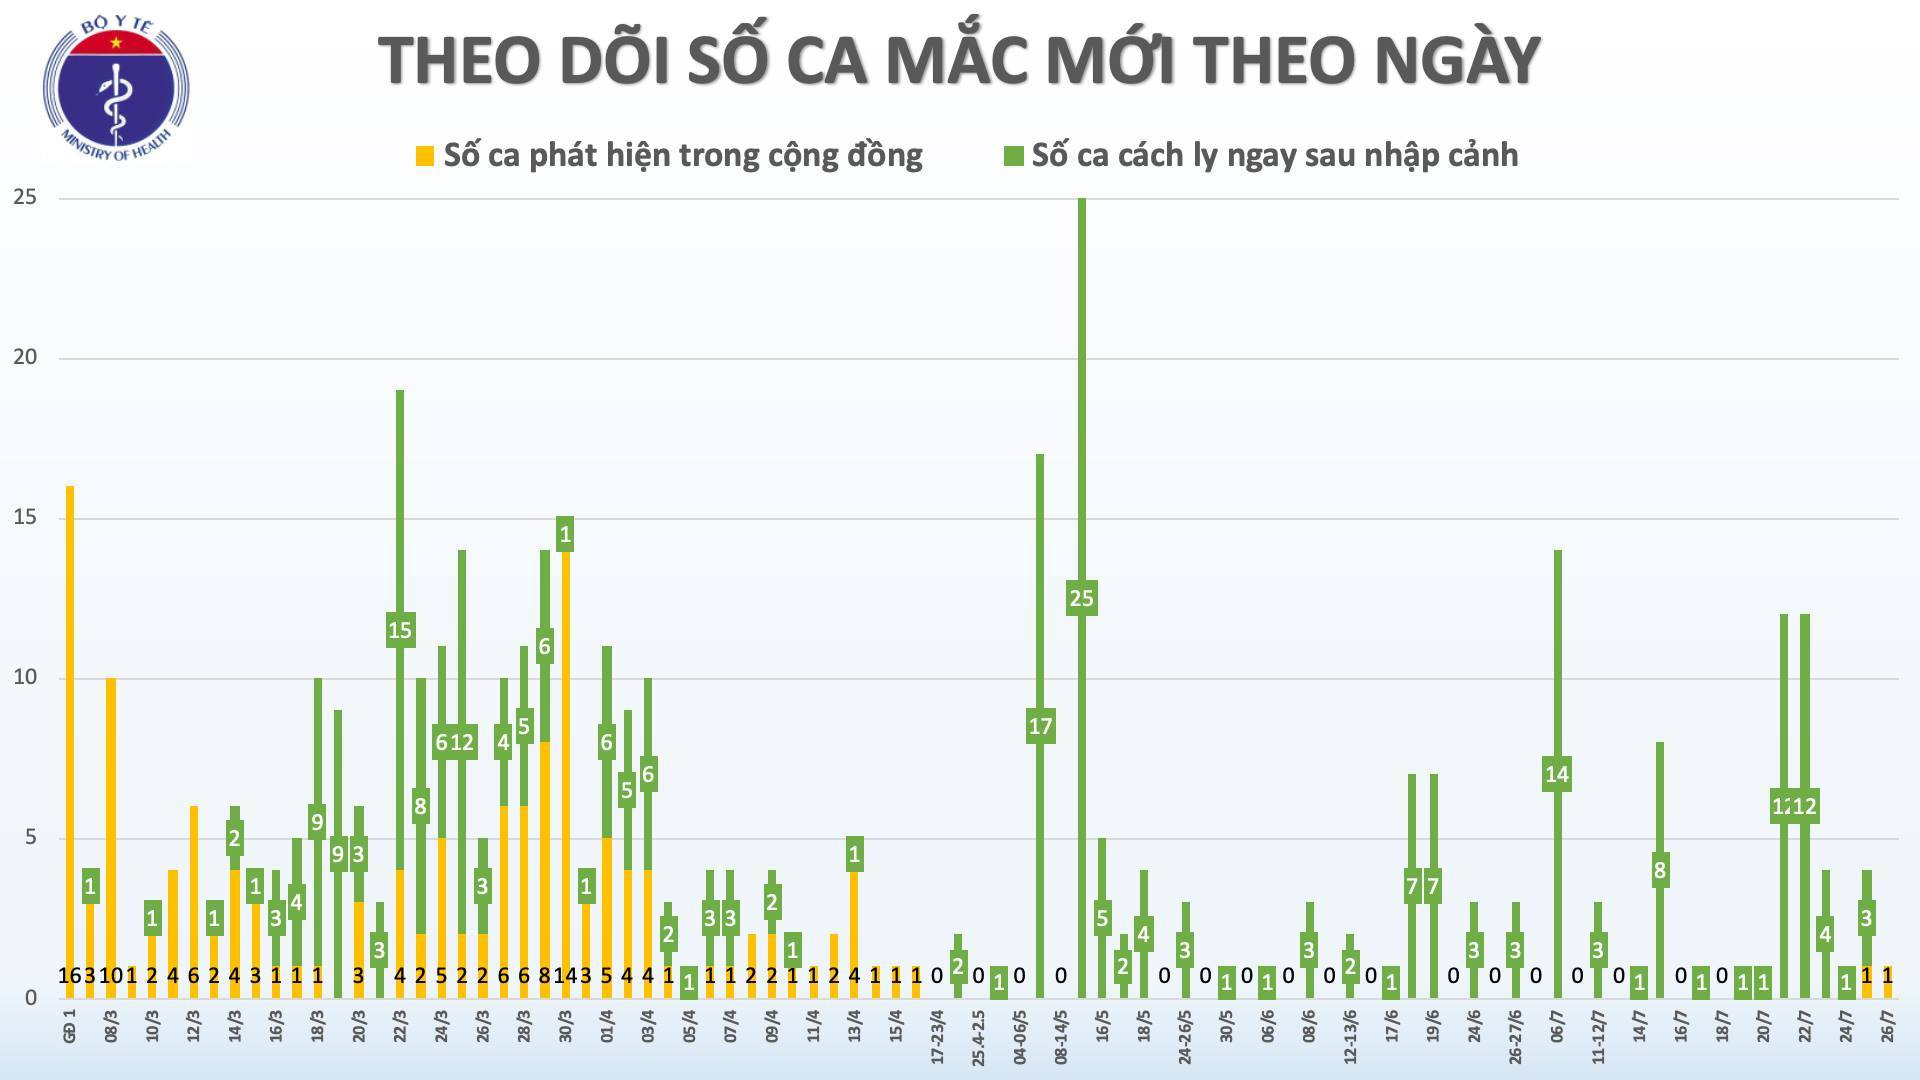 Phát hiện thêm 1 ca Covid-19 tại Đà Nẵng